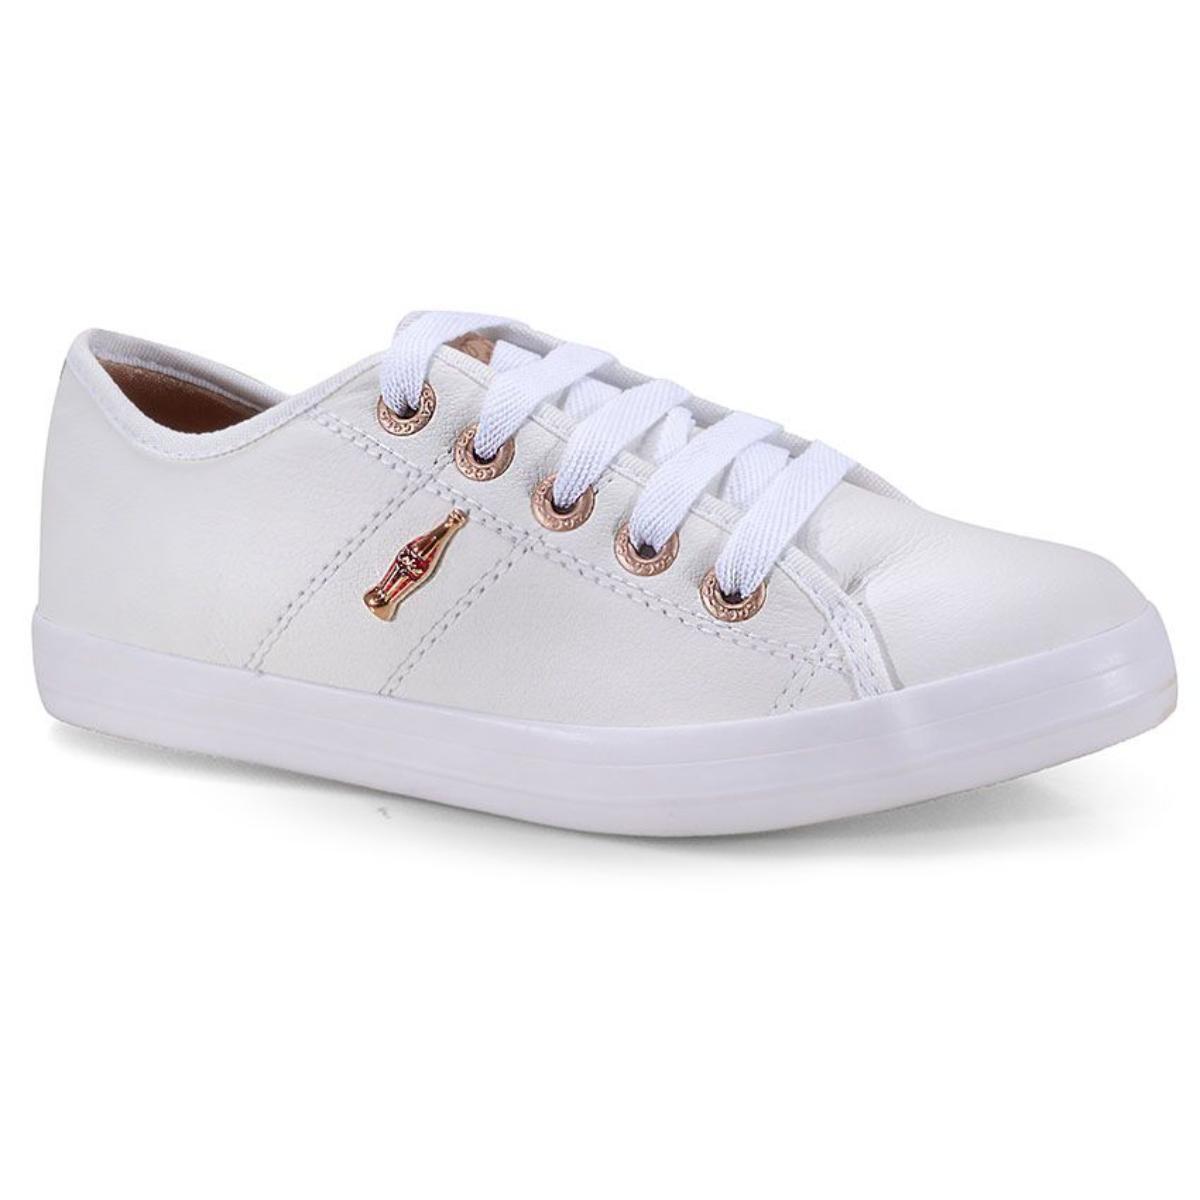 Tênis Feminino Coca-cola Shoes Cc1753 Branco/cobre